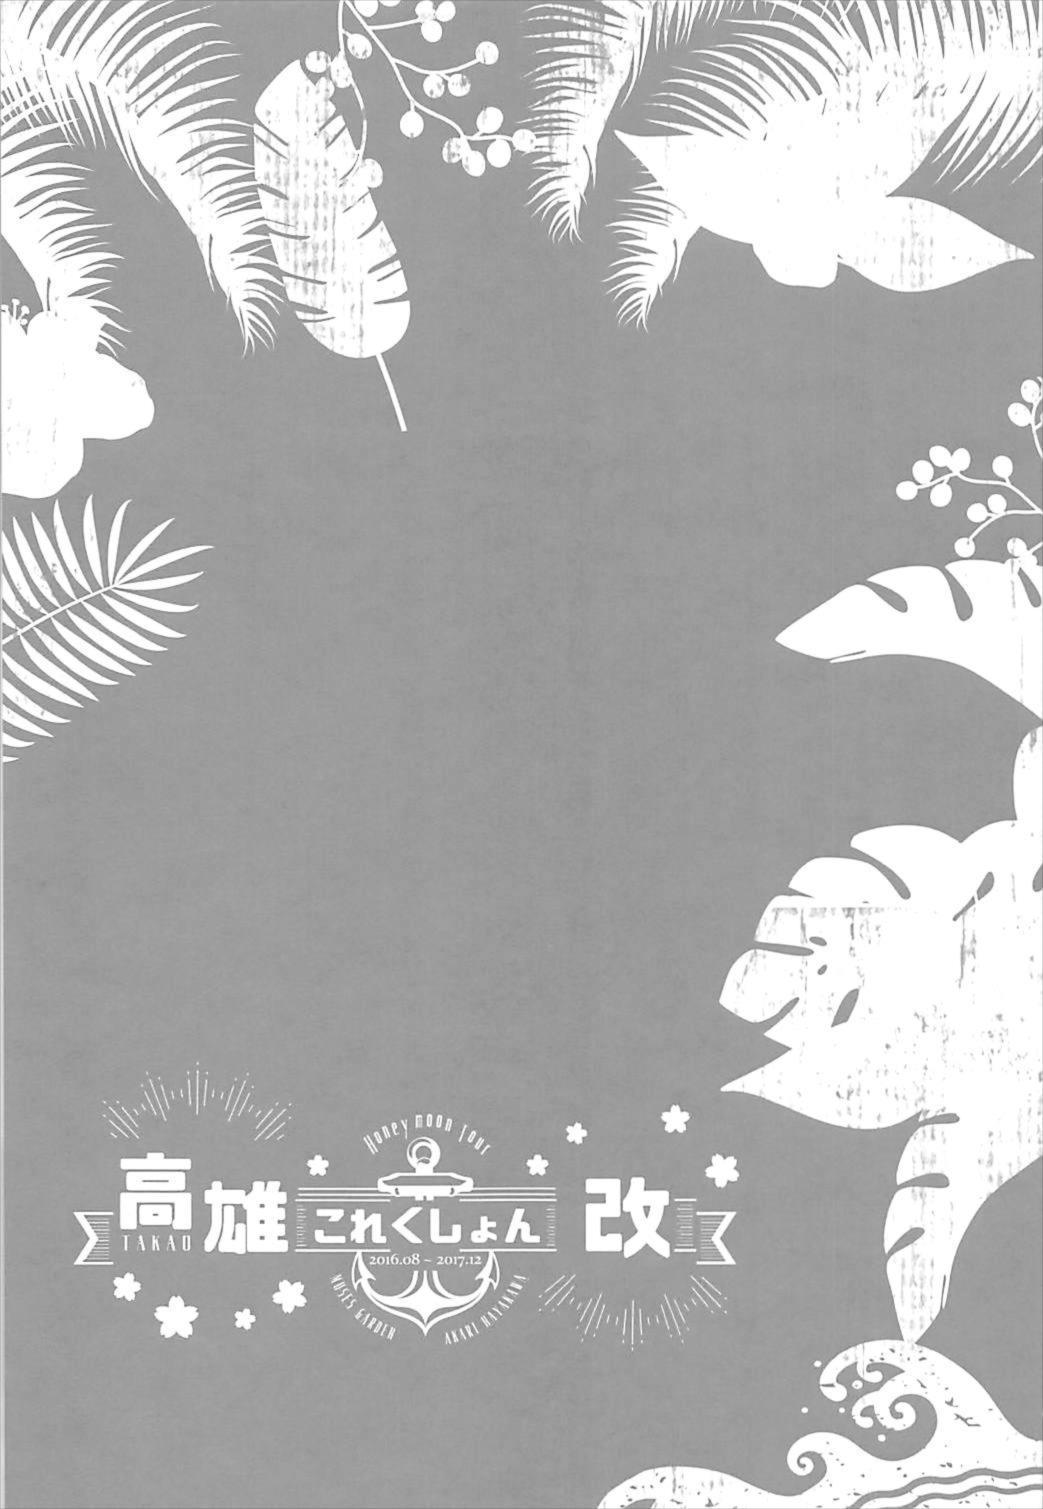 Takao Collection Kai Honeymoon Tour 20